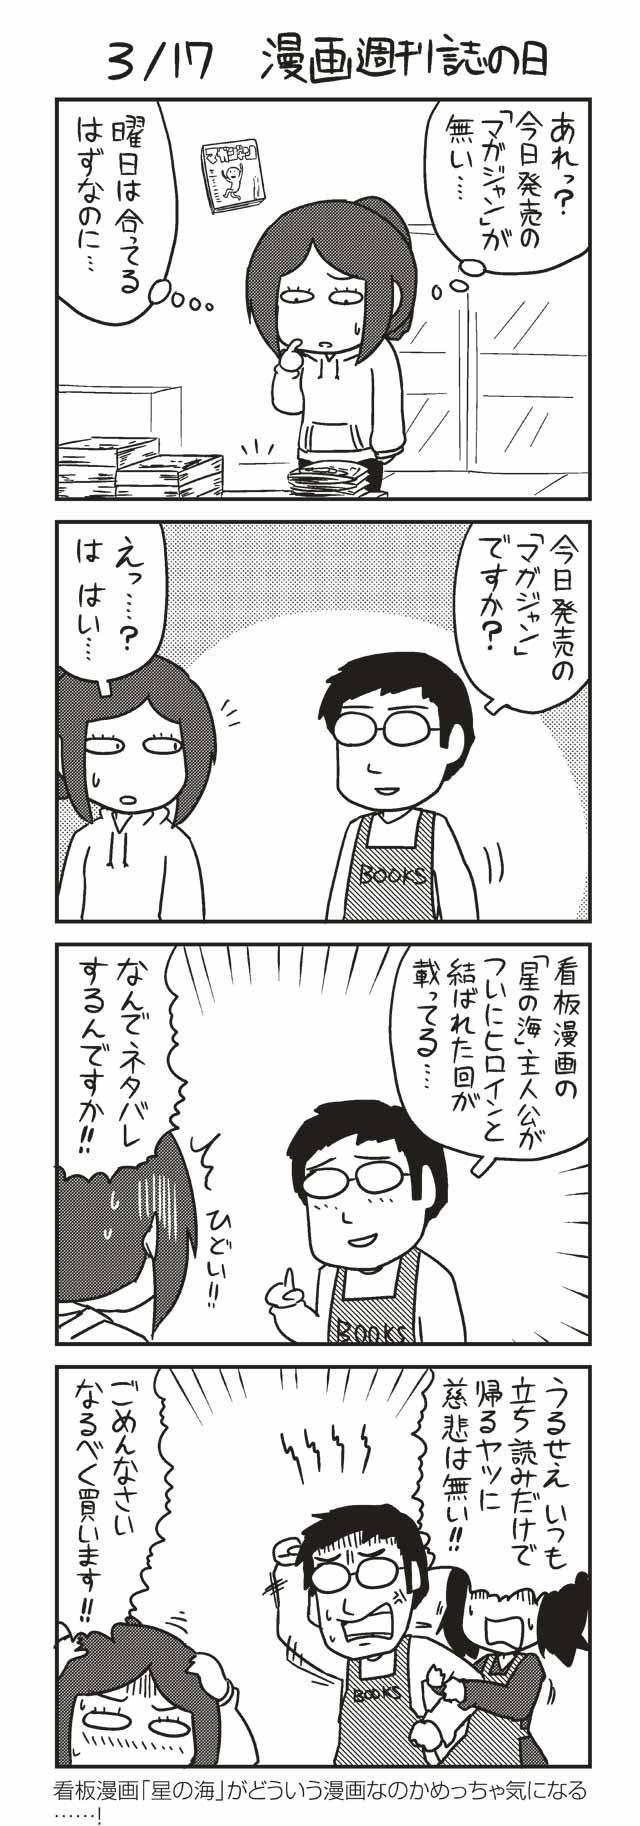 3/17 漫画週刊誌の日 『ノヒマンガ』 ポン